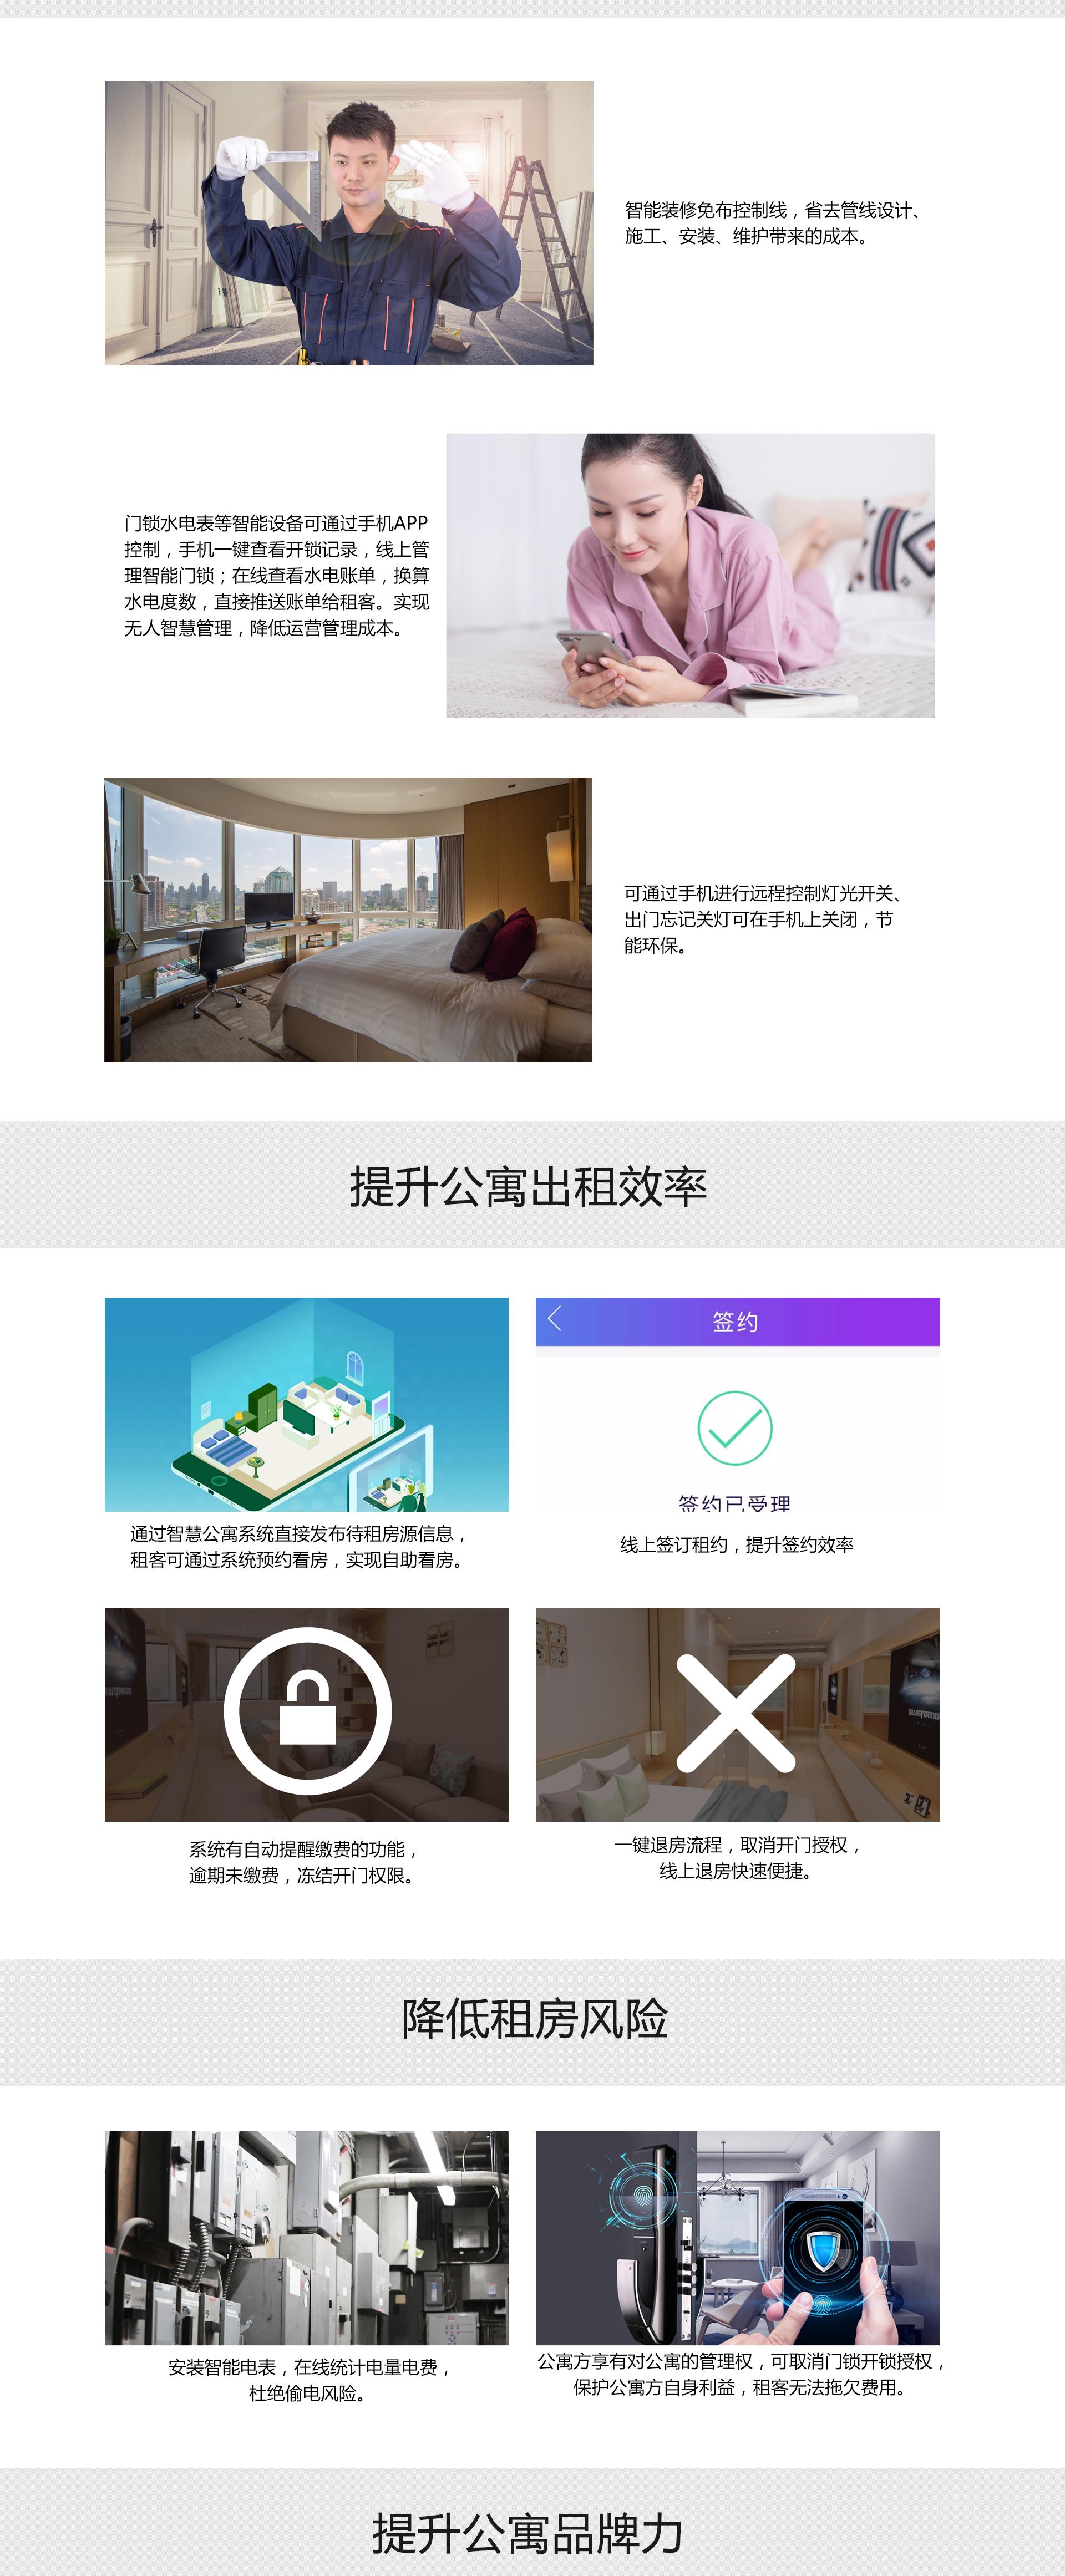 智慧公寓宣传图_02.jpg